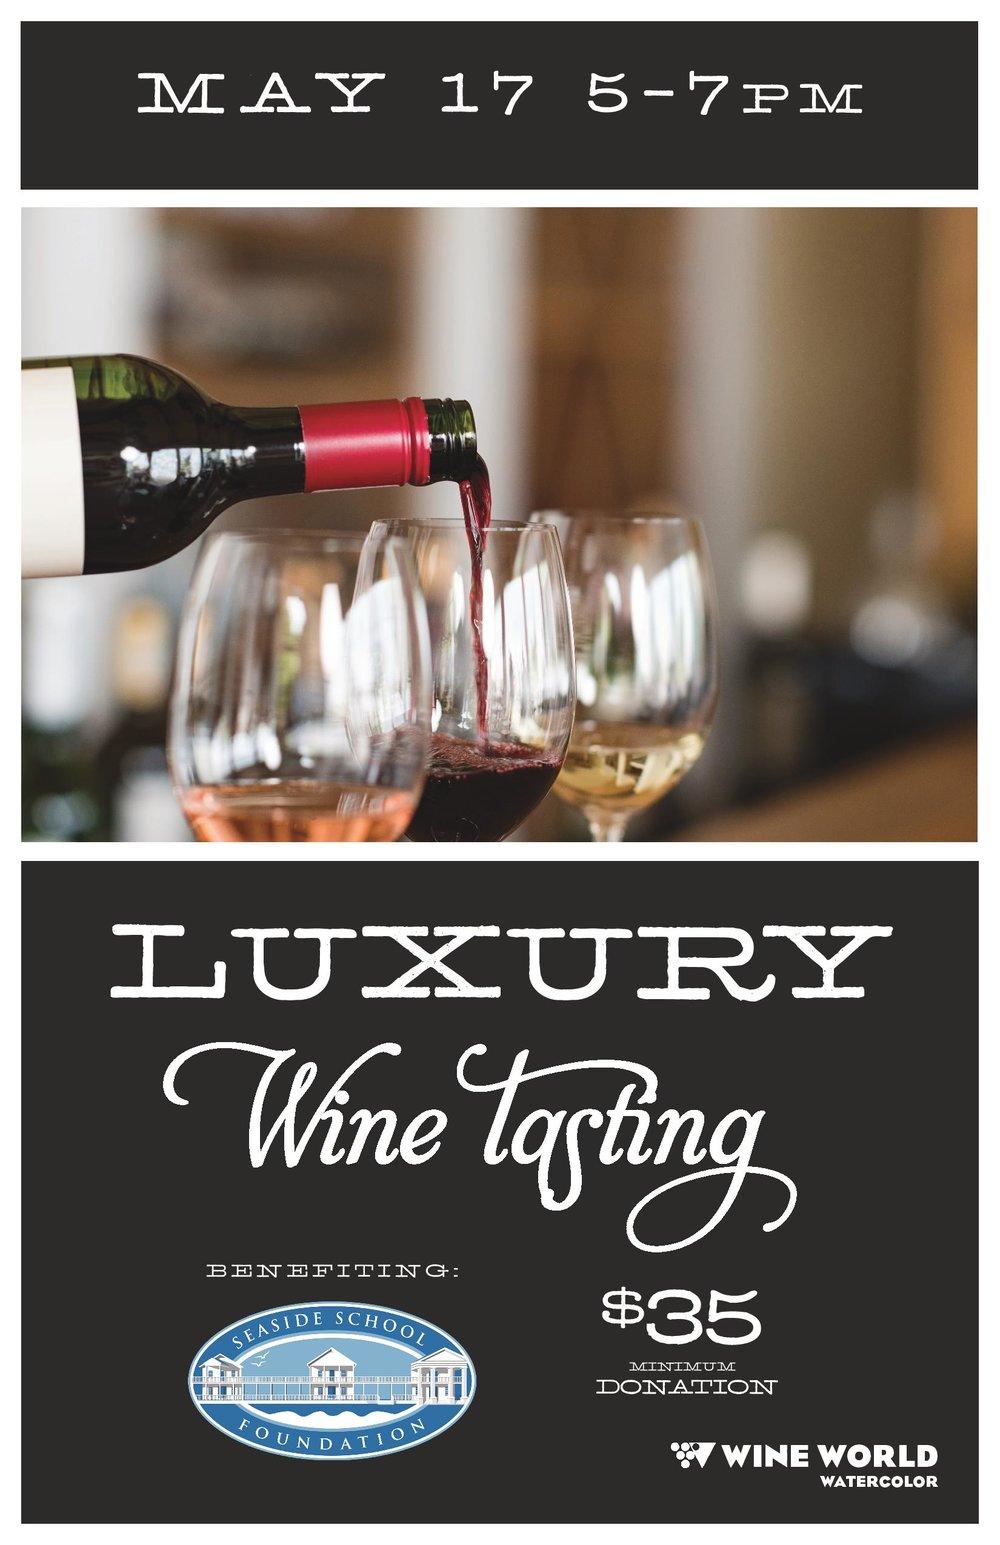 Luxury Wine Tasting Poster-page-001.jpg